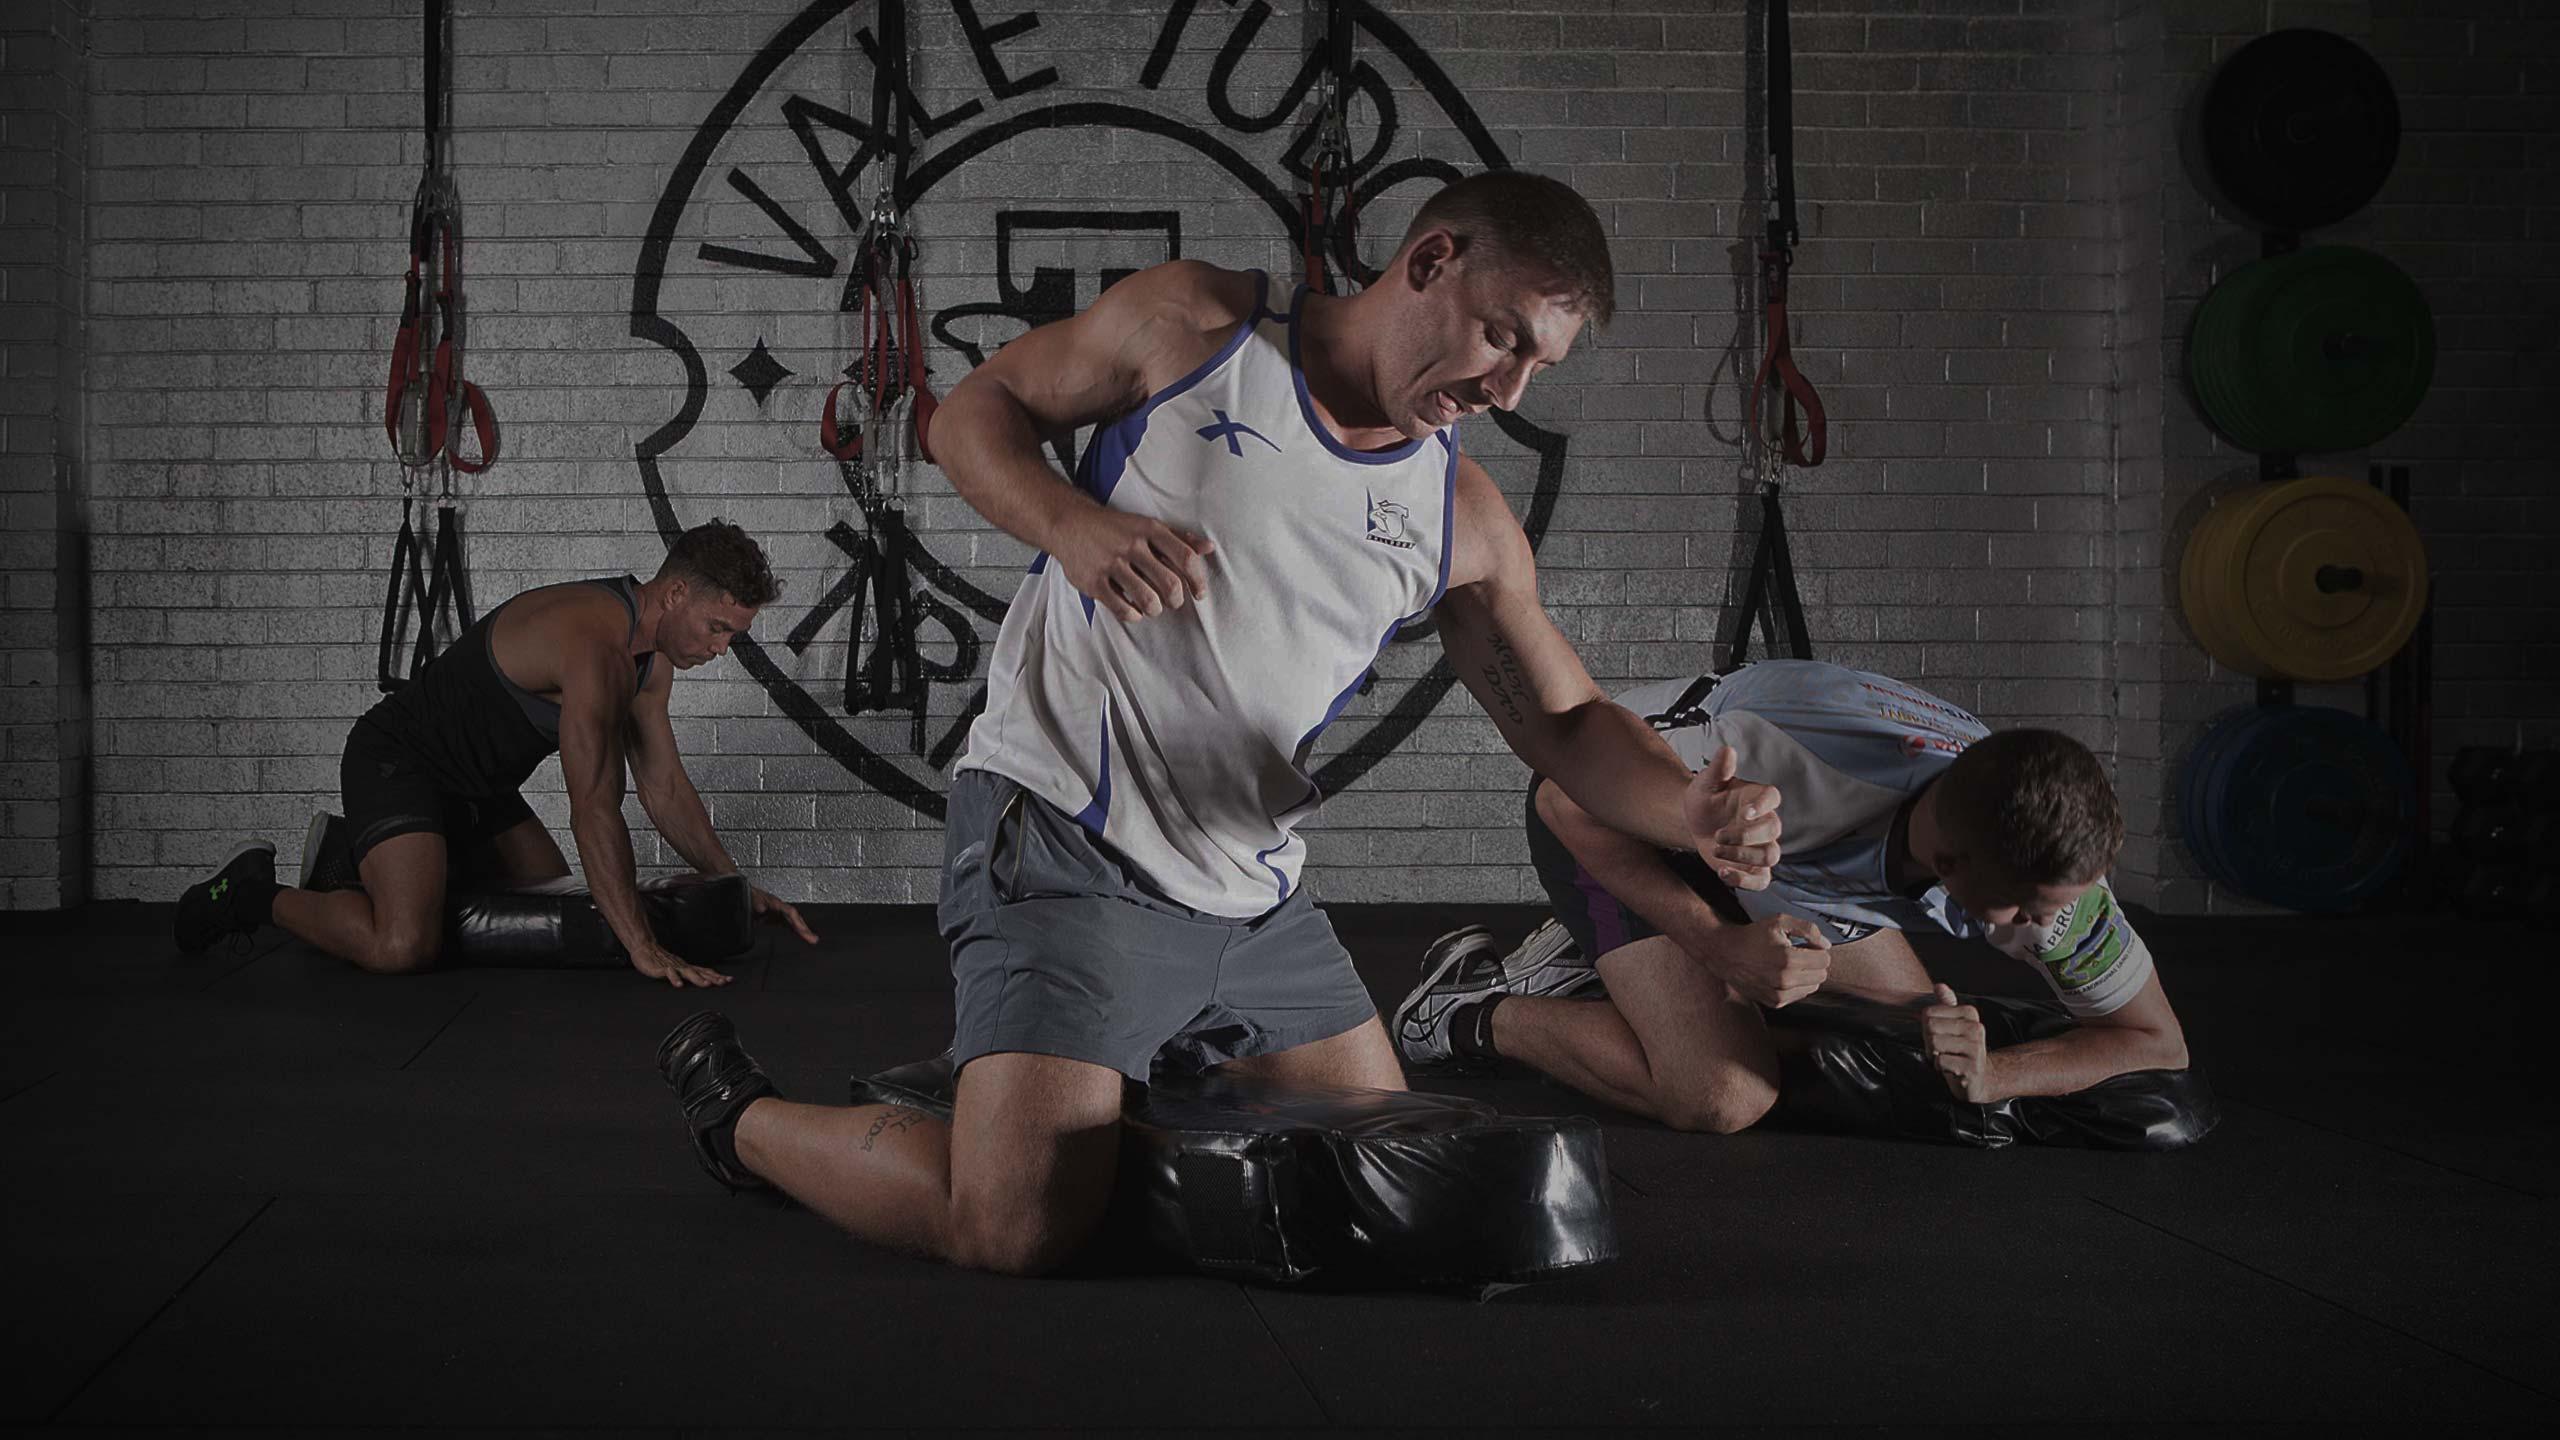 male athlete training boxing mma kickboxing at vale tudo training